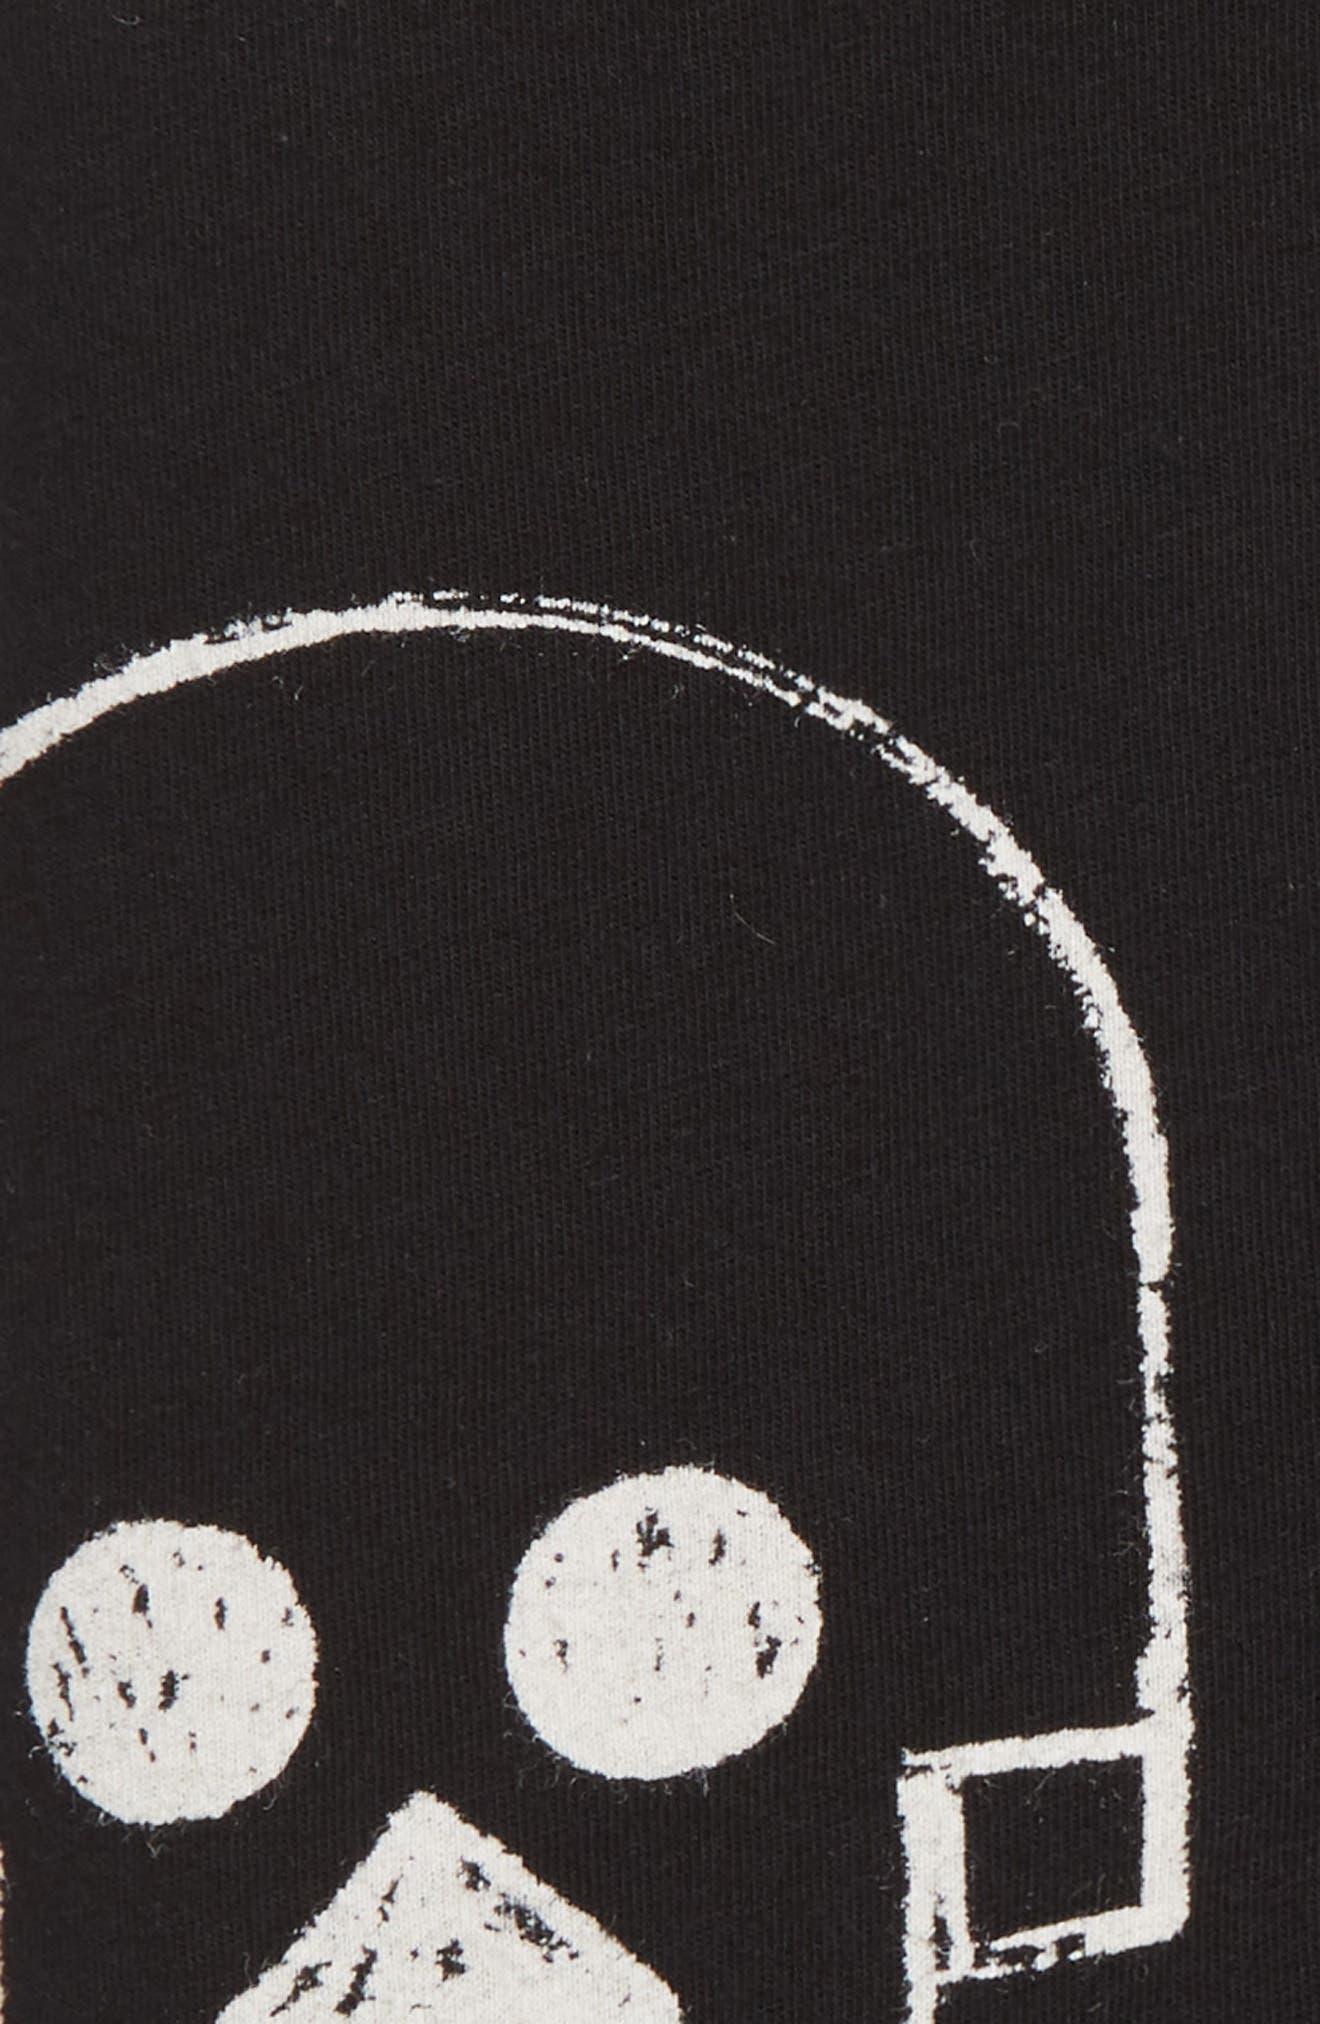 Skull Robot Print Blanket,                             Alternate thumbnail 2, color,                             001